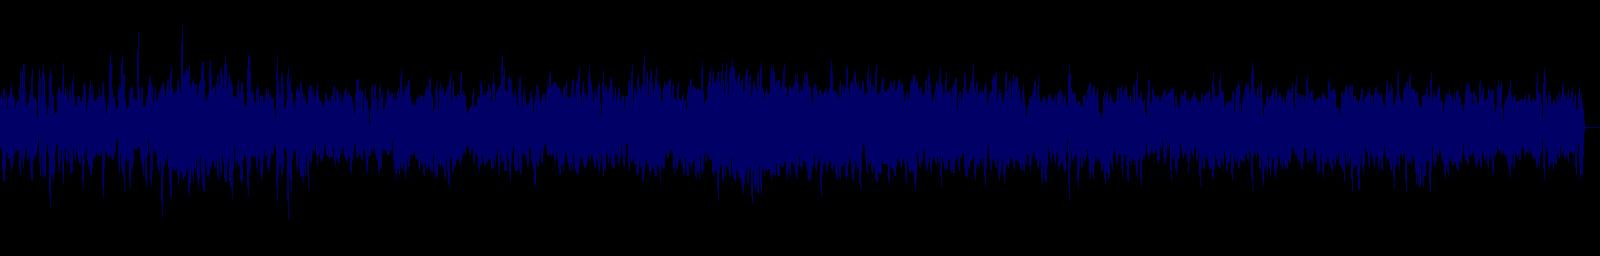 waveform of track #131383